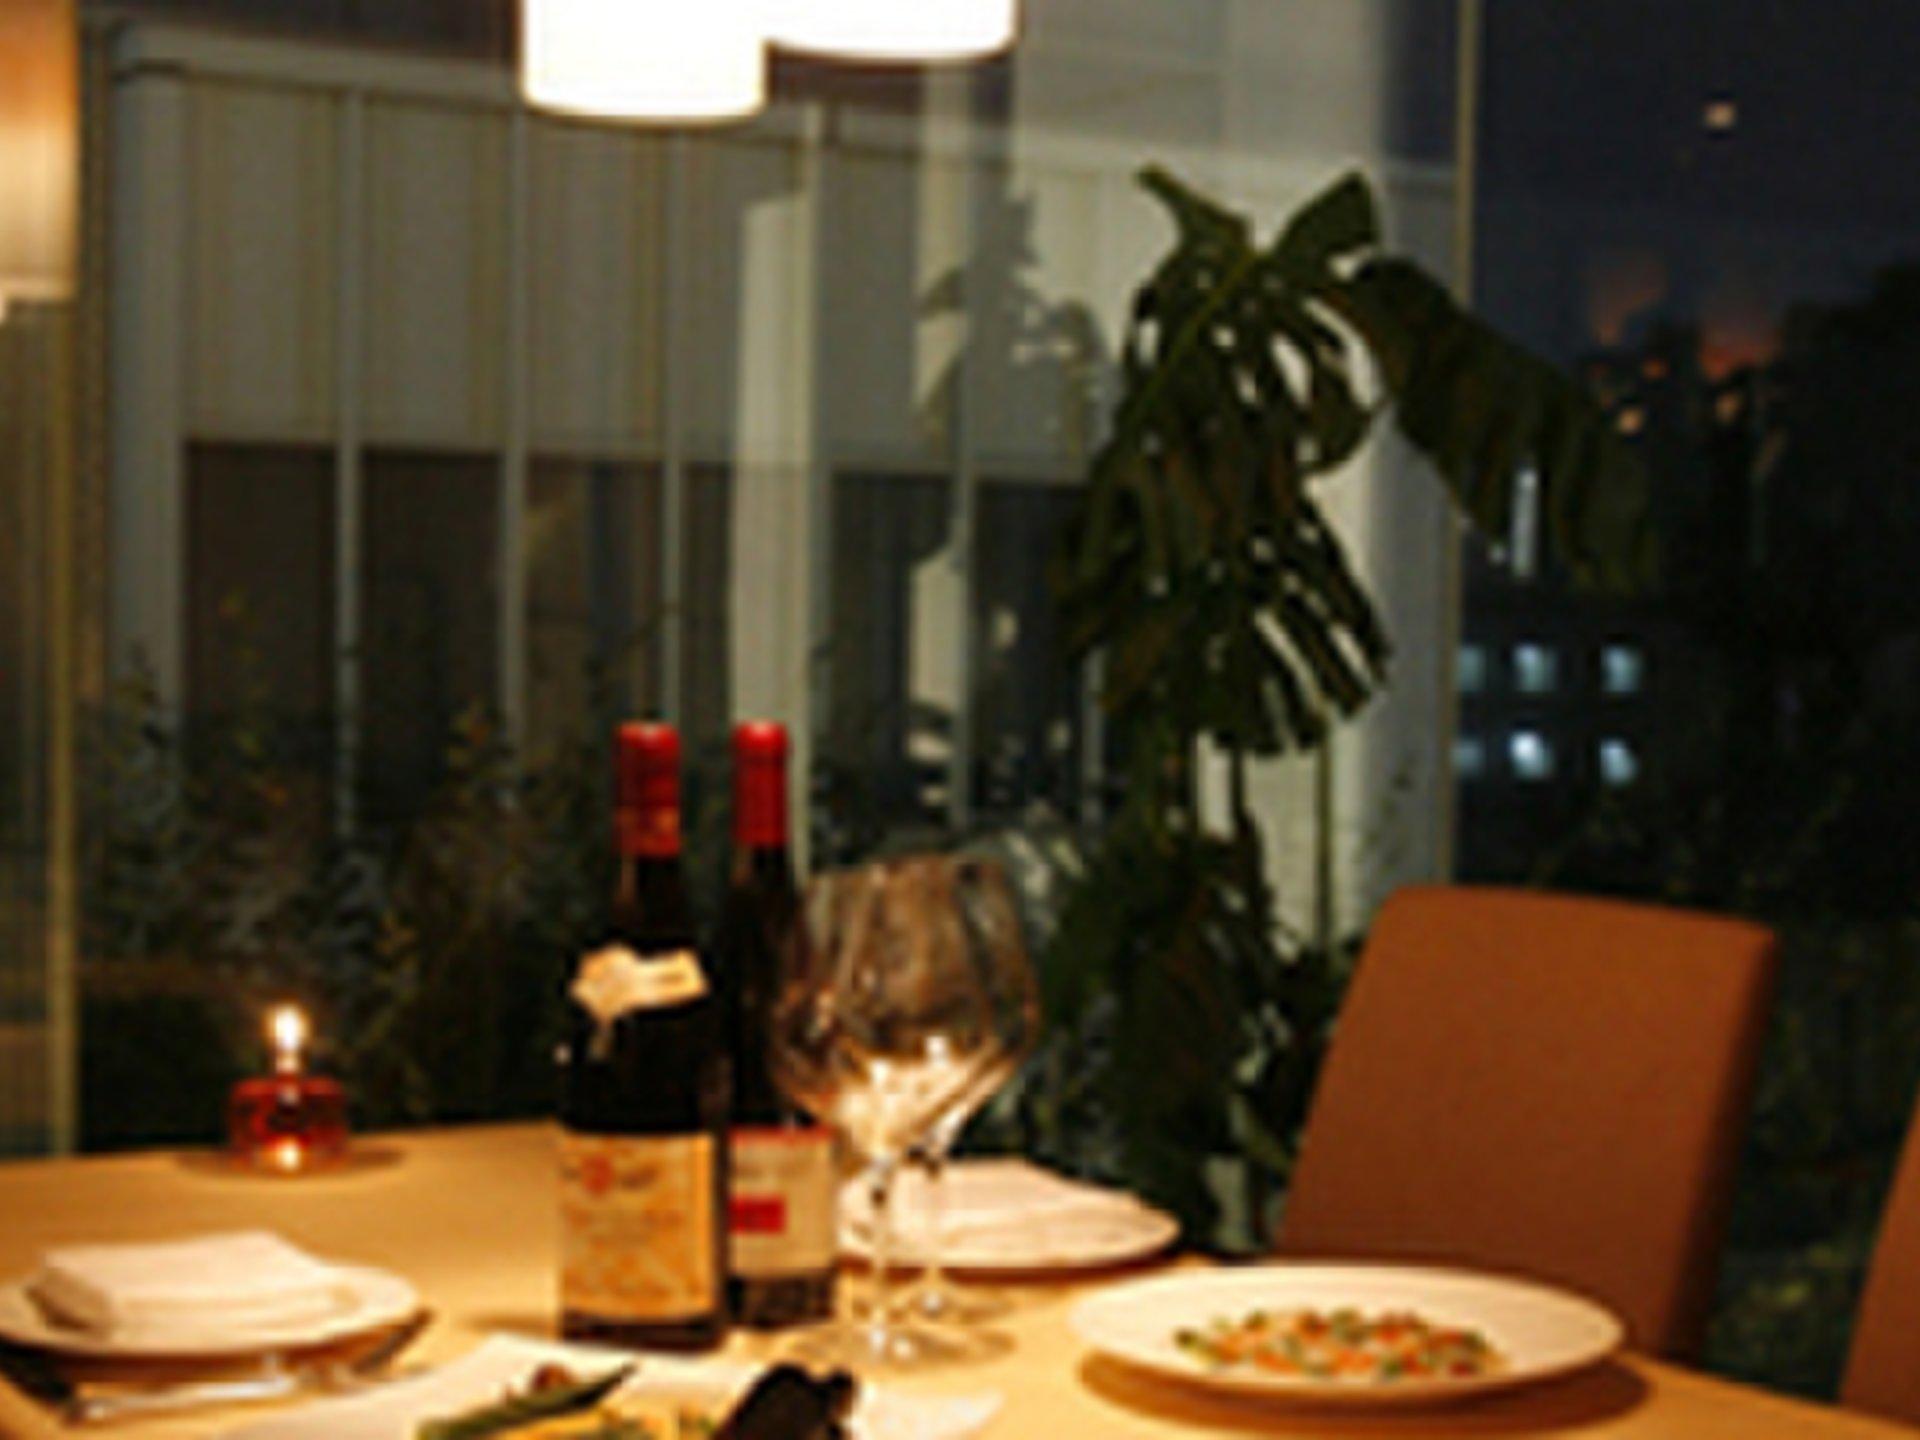 【東京・神楽坂】ちょっぴり大人の記念日に♡シーフードが美味しい神楽坂デートコース